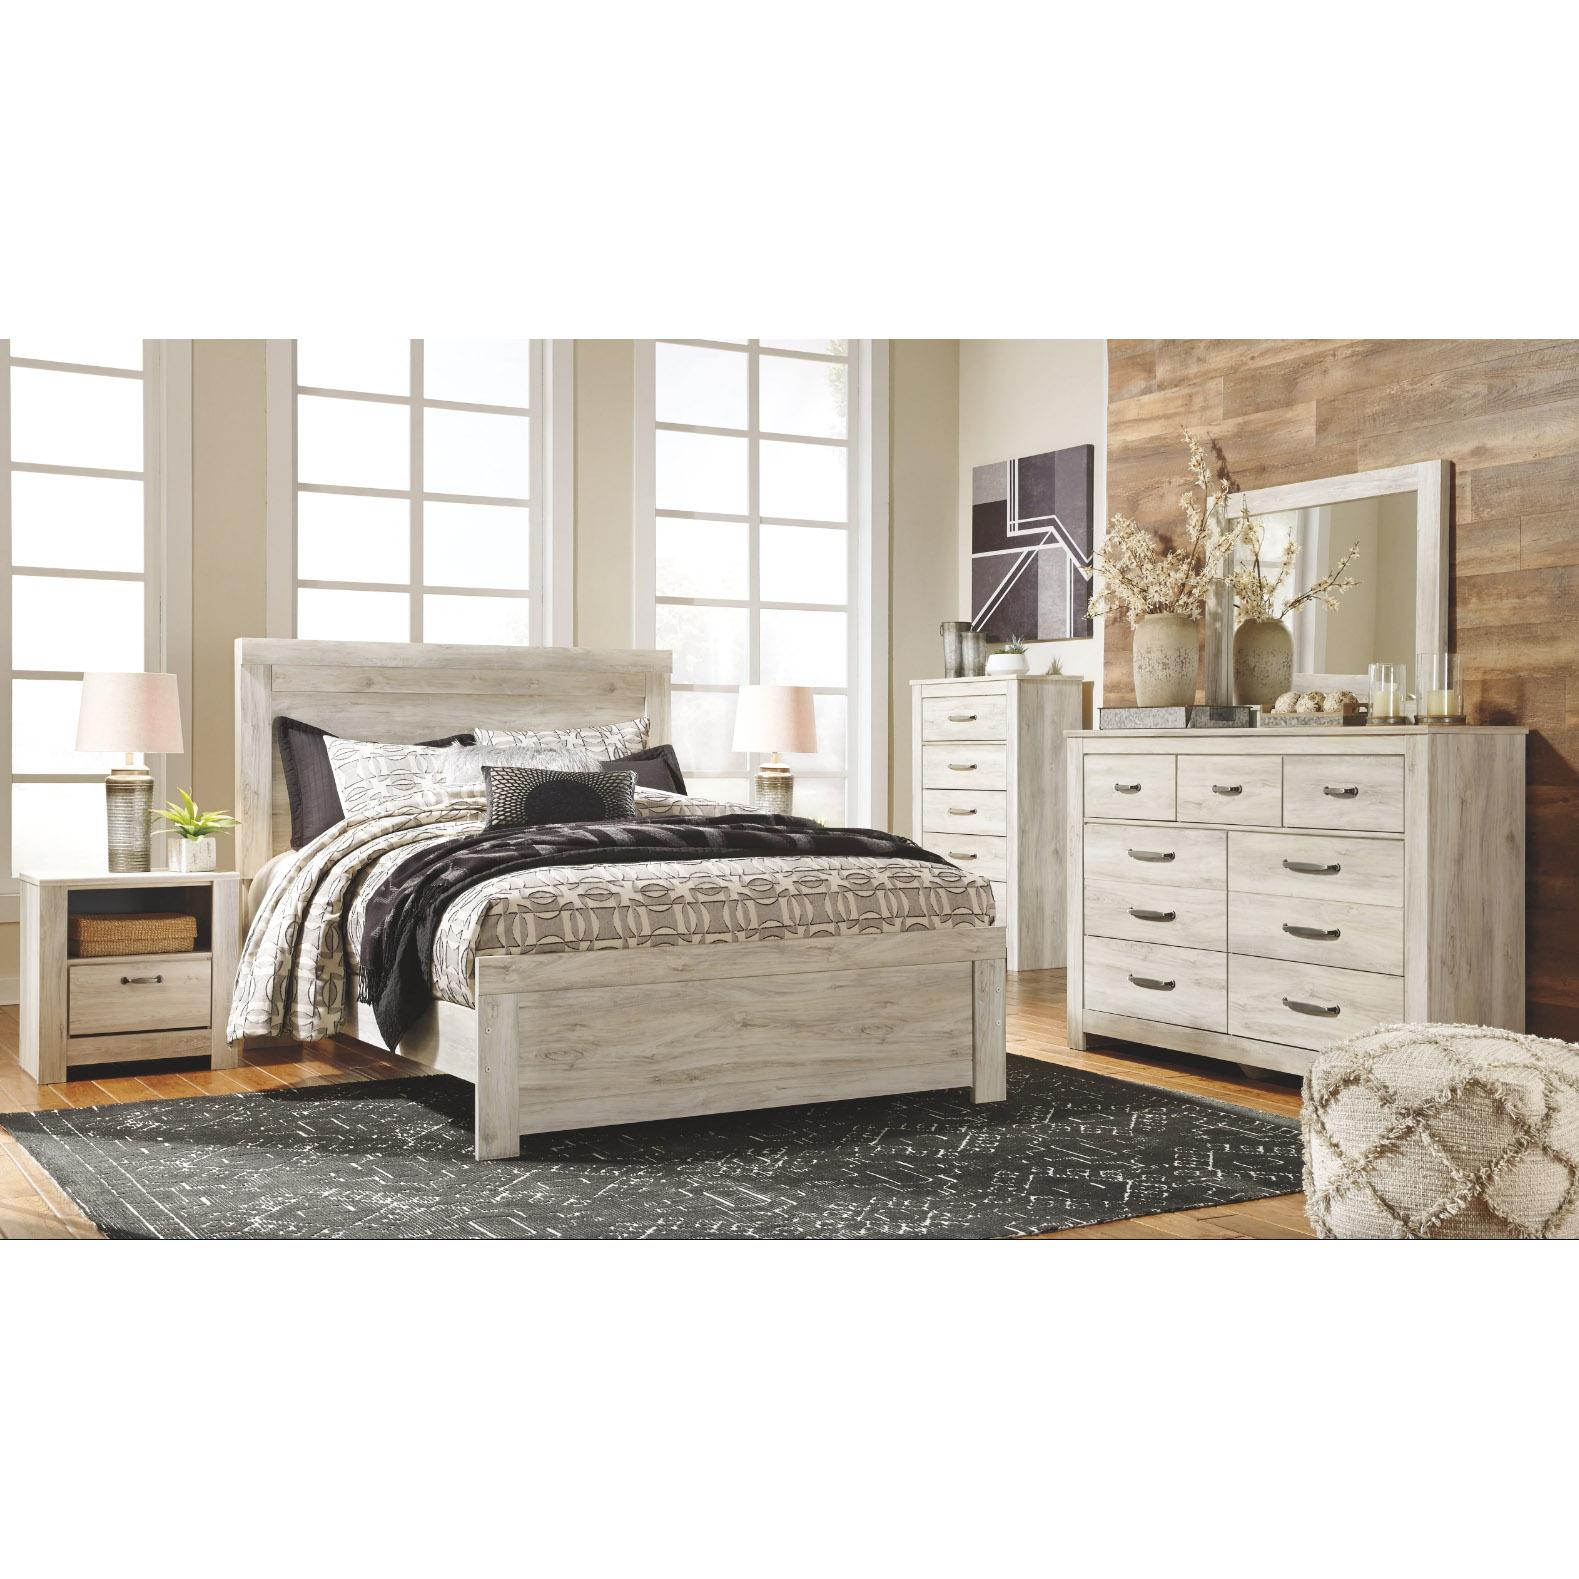 Bellaby - Whitewash - 6 Pc. - Dresser, Mirror, Chest & Queen Panel Bed